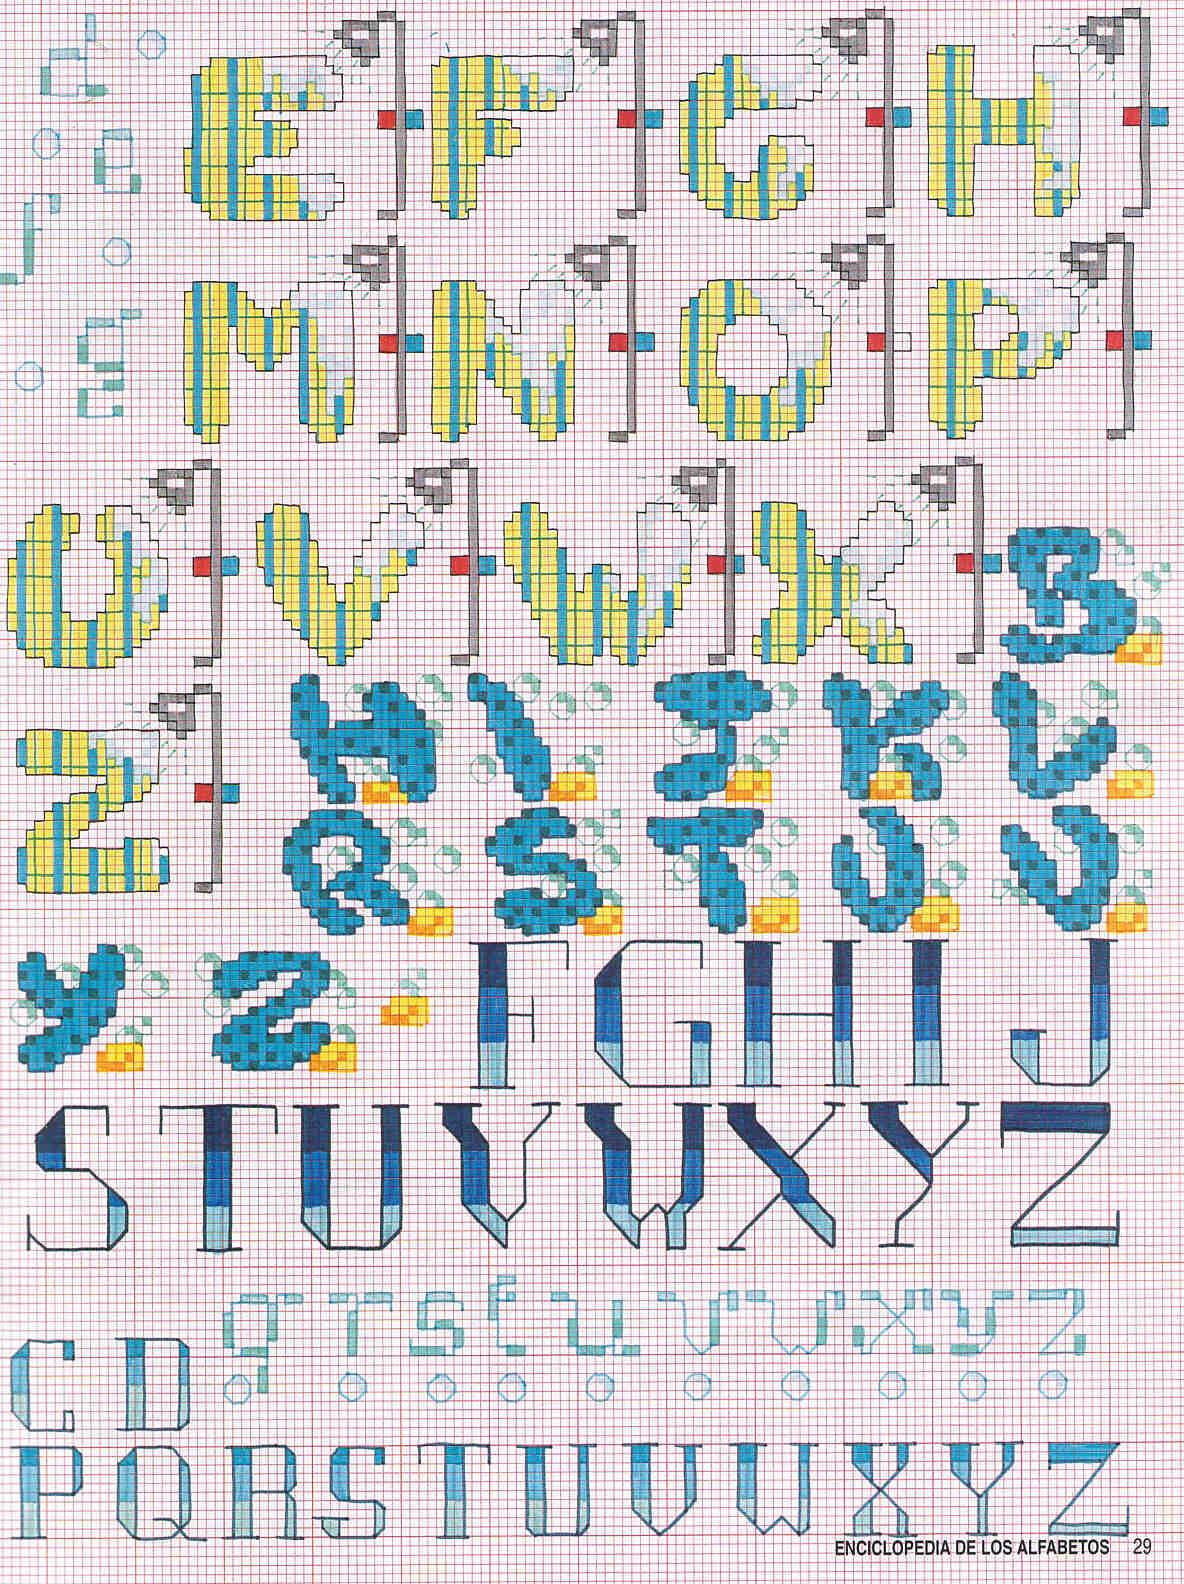 Alfabeto bagno con spugne e docce punto croce 2 - Schemi punto croce bagno ...